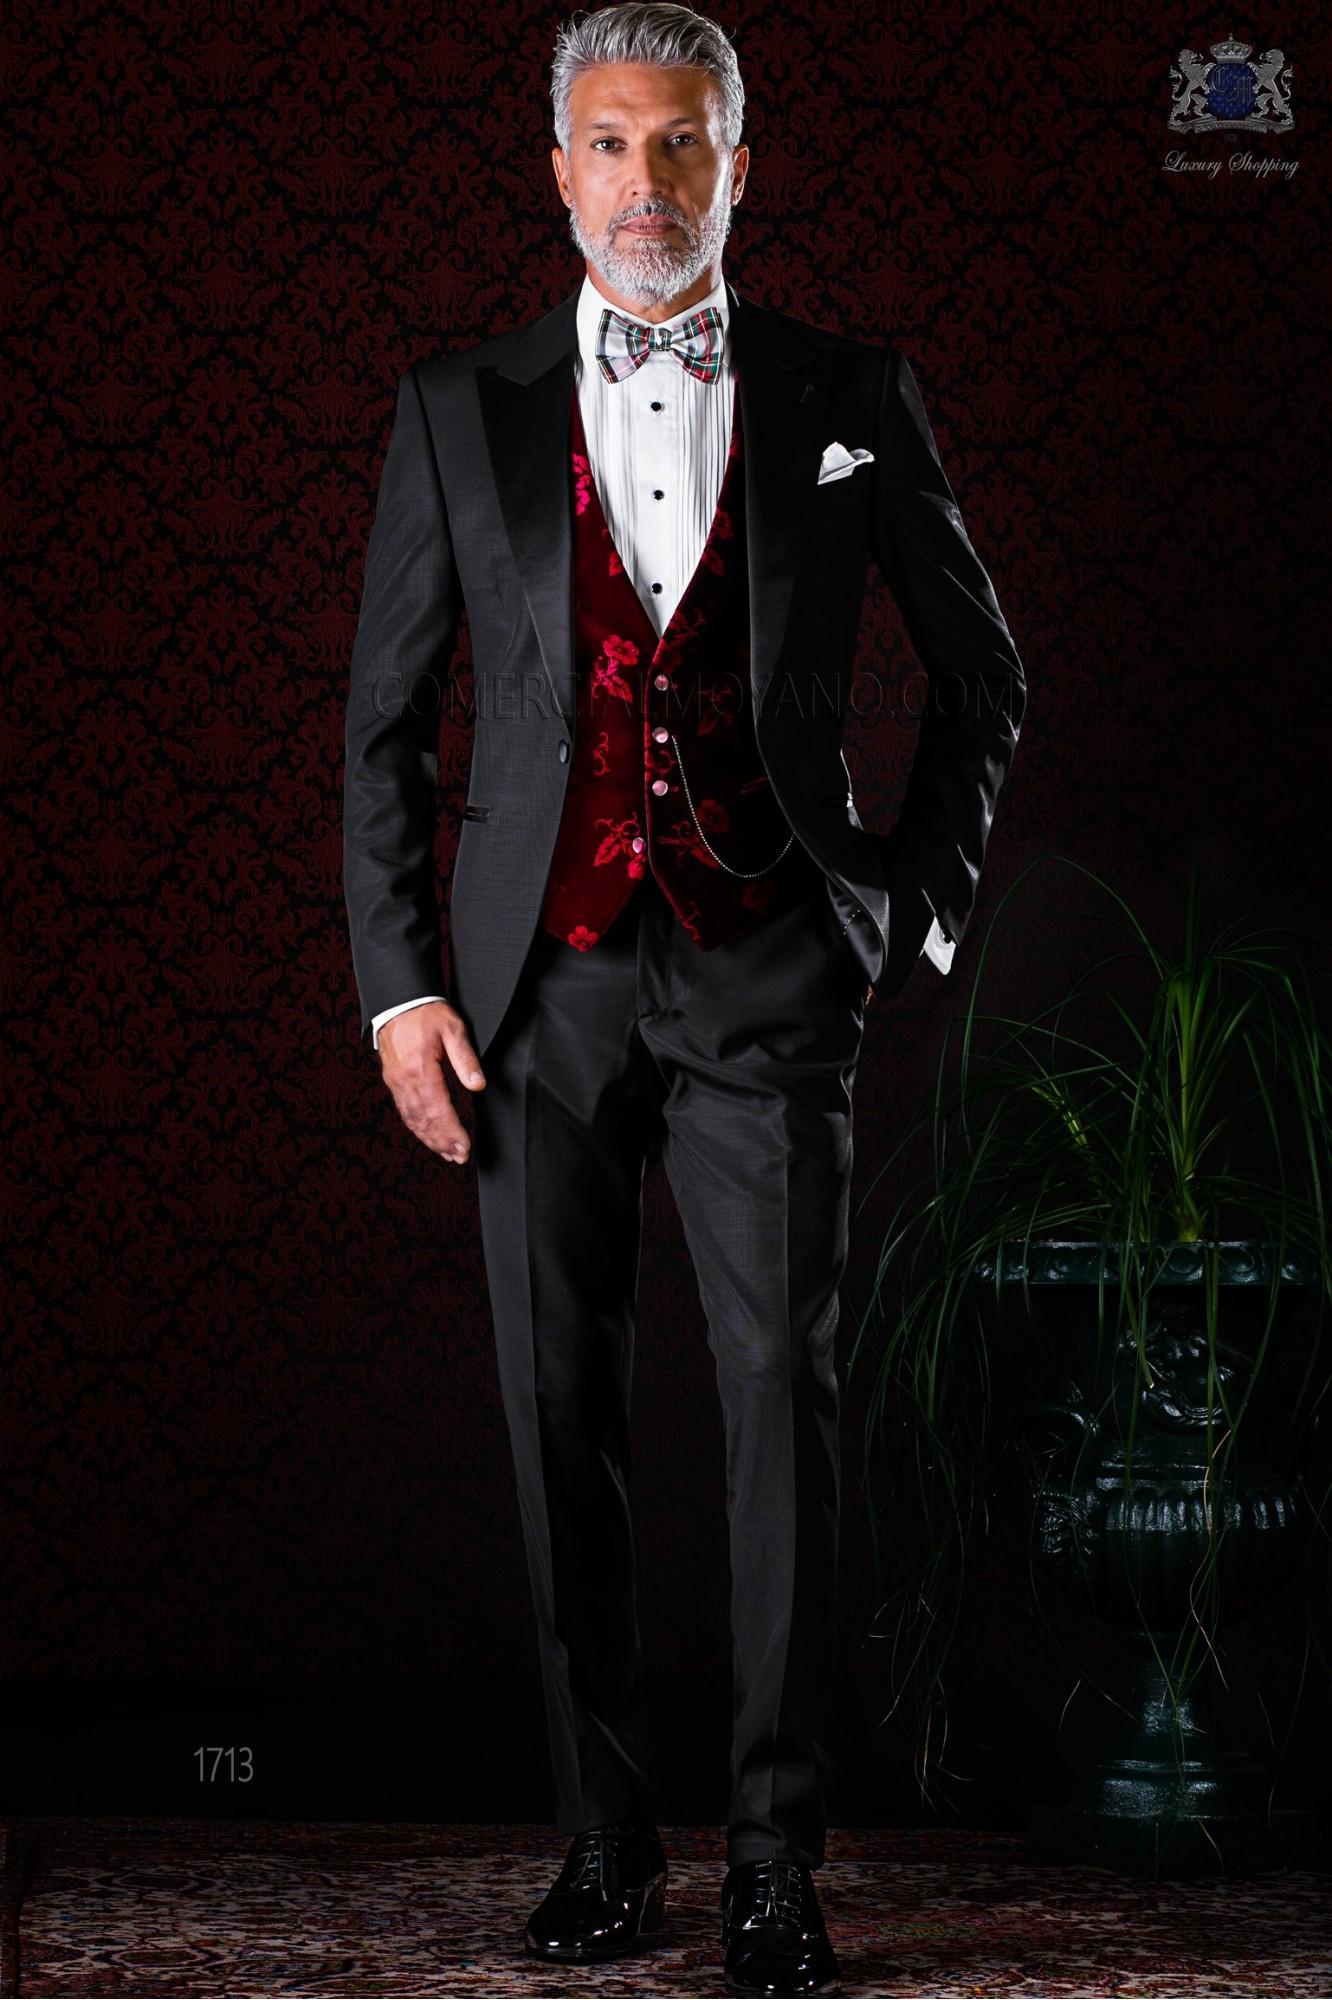 Esmoquin italiano negro con solapa punta y 1 botón de raso en tejido mixto lana modelo: 1713 Ottavio Nuccio Gala colección Black Tie 2017